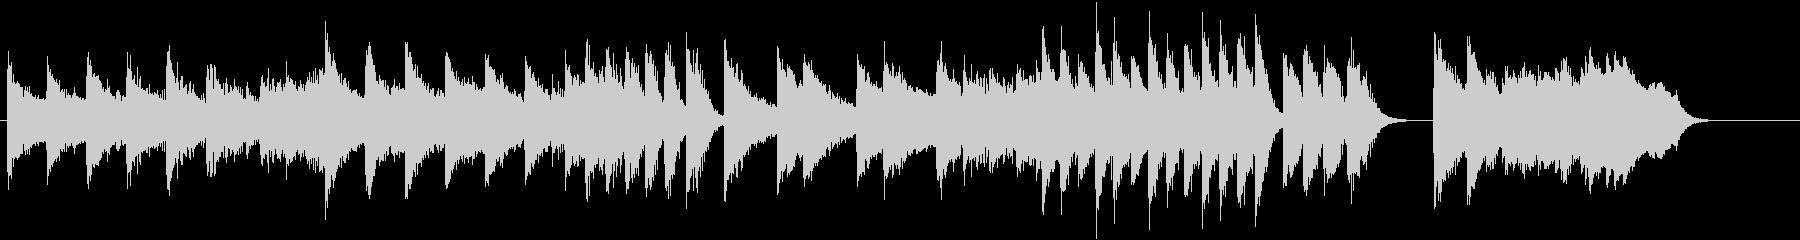 「花のワルツ」クラシックピアノジングルFの未再生の波形